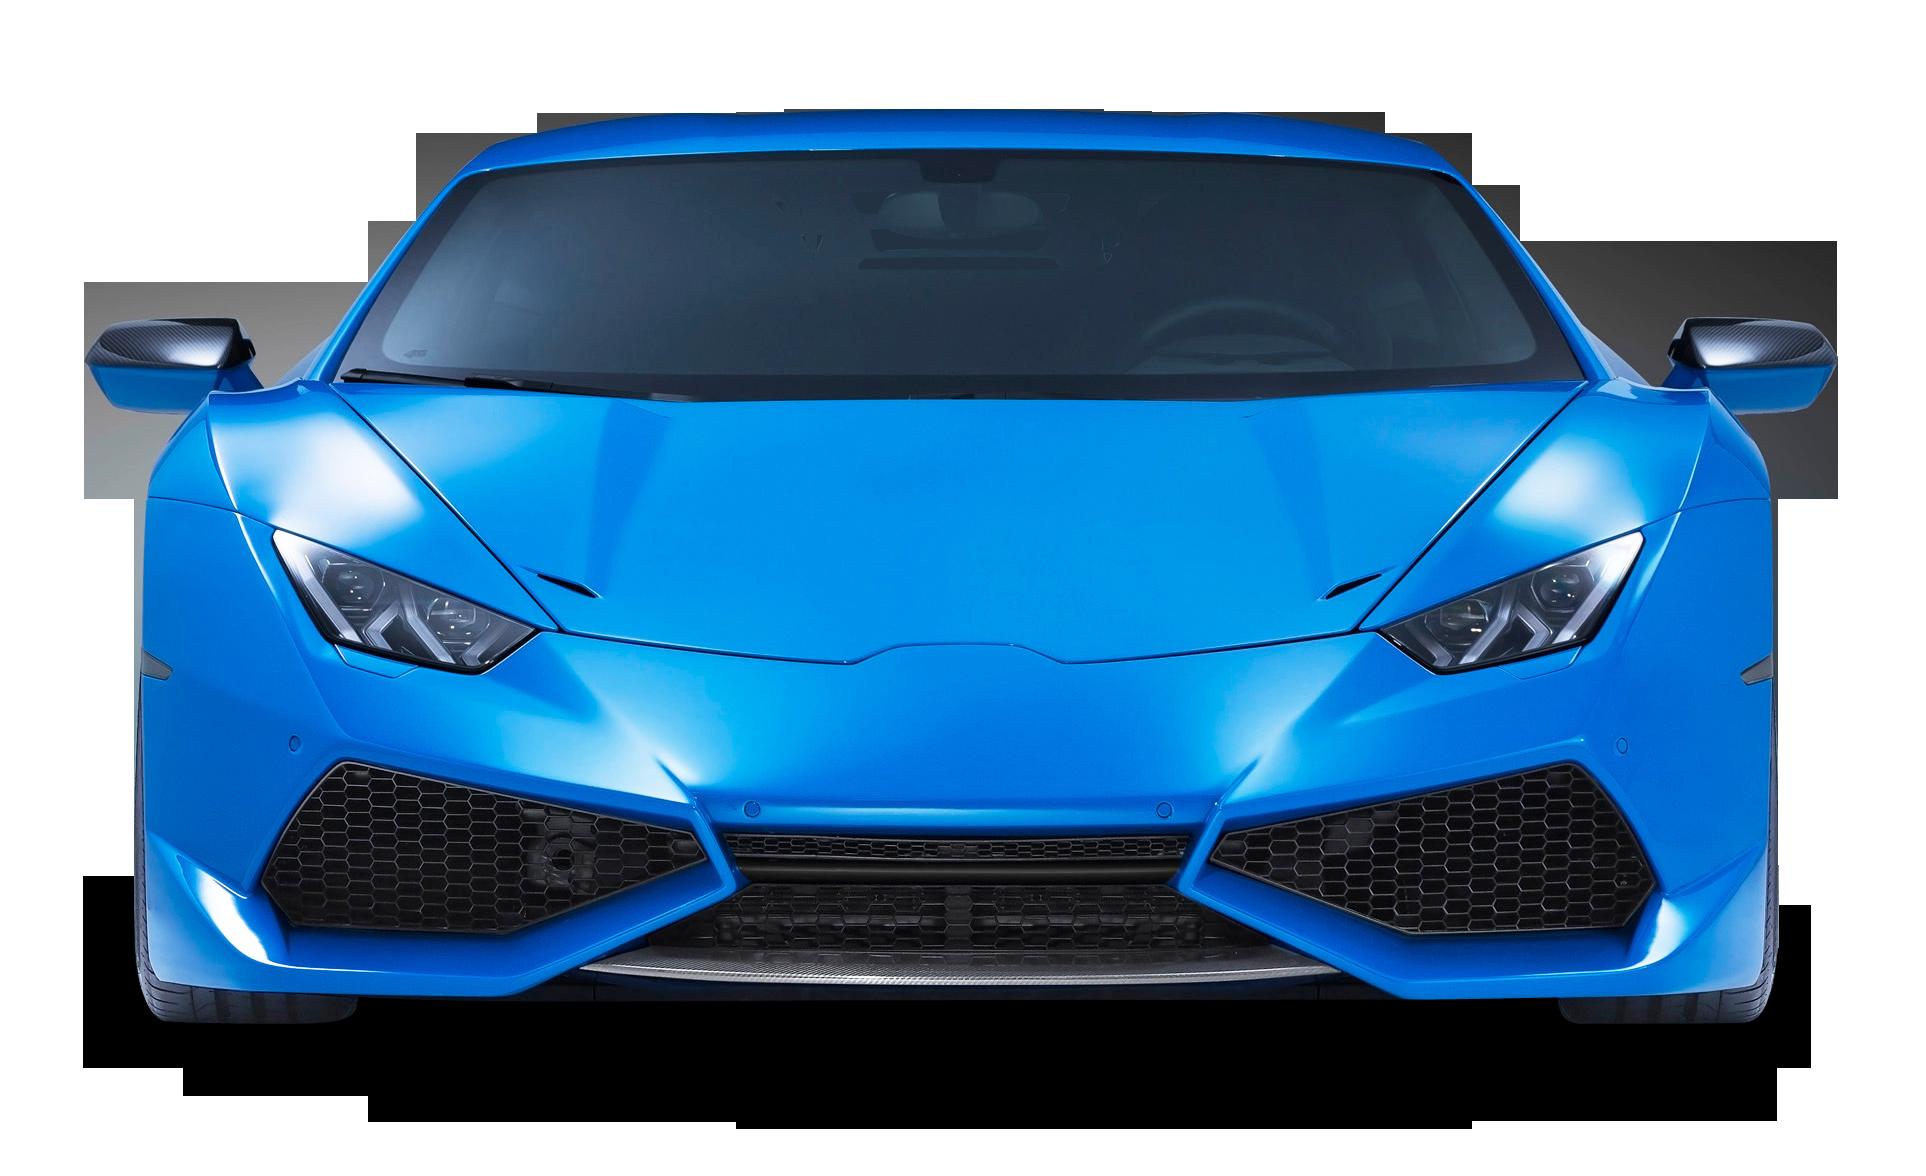 Lamborghini Huracan Front View Car PNG Image.